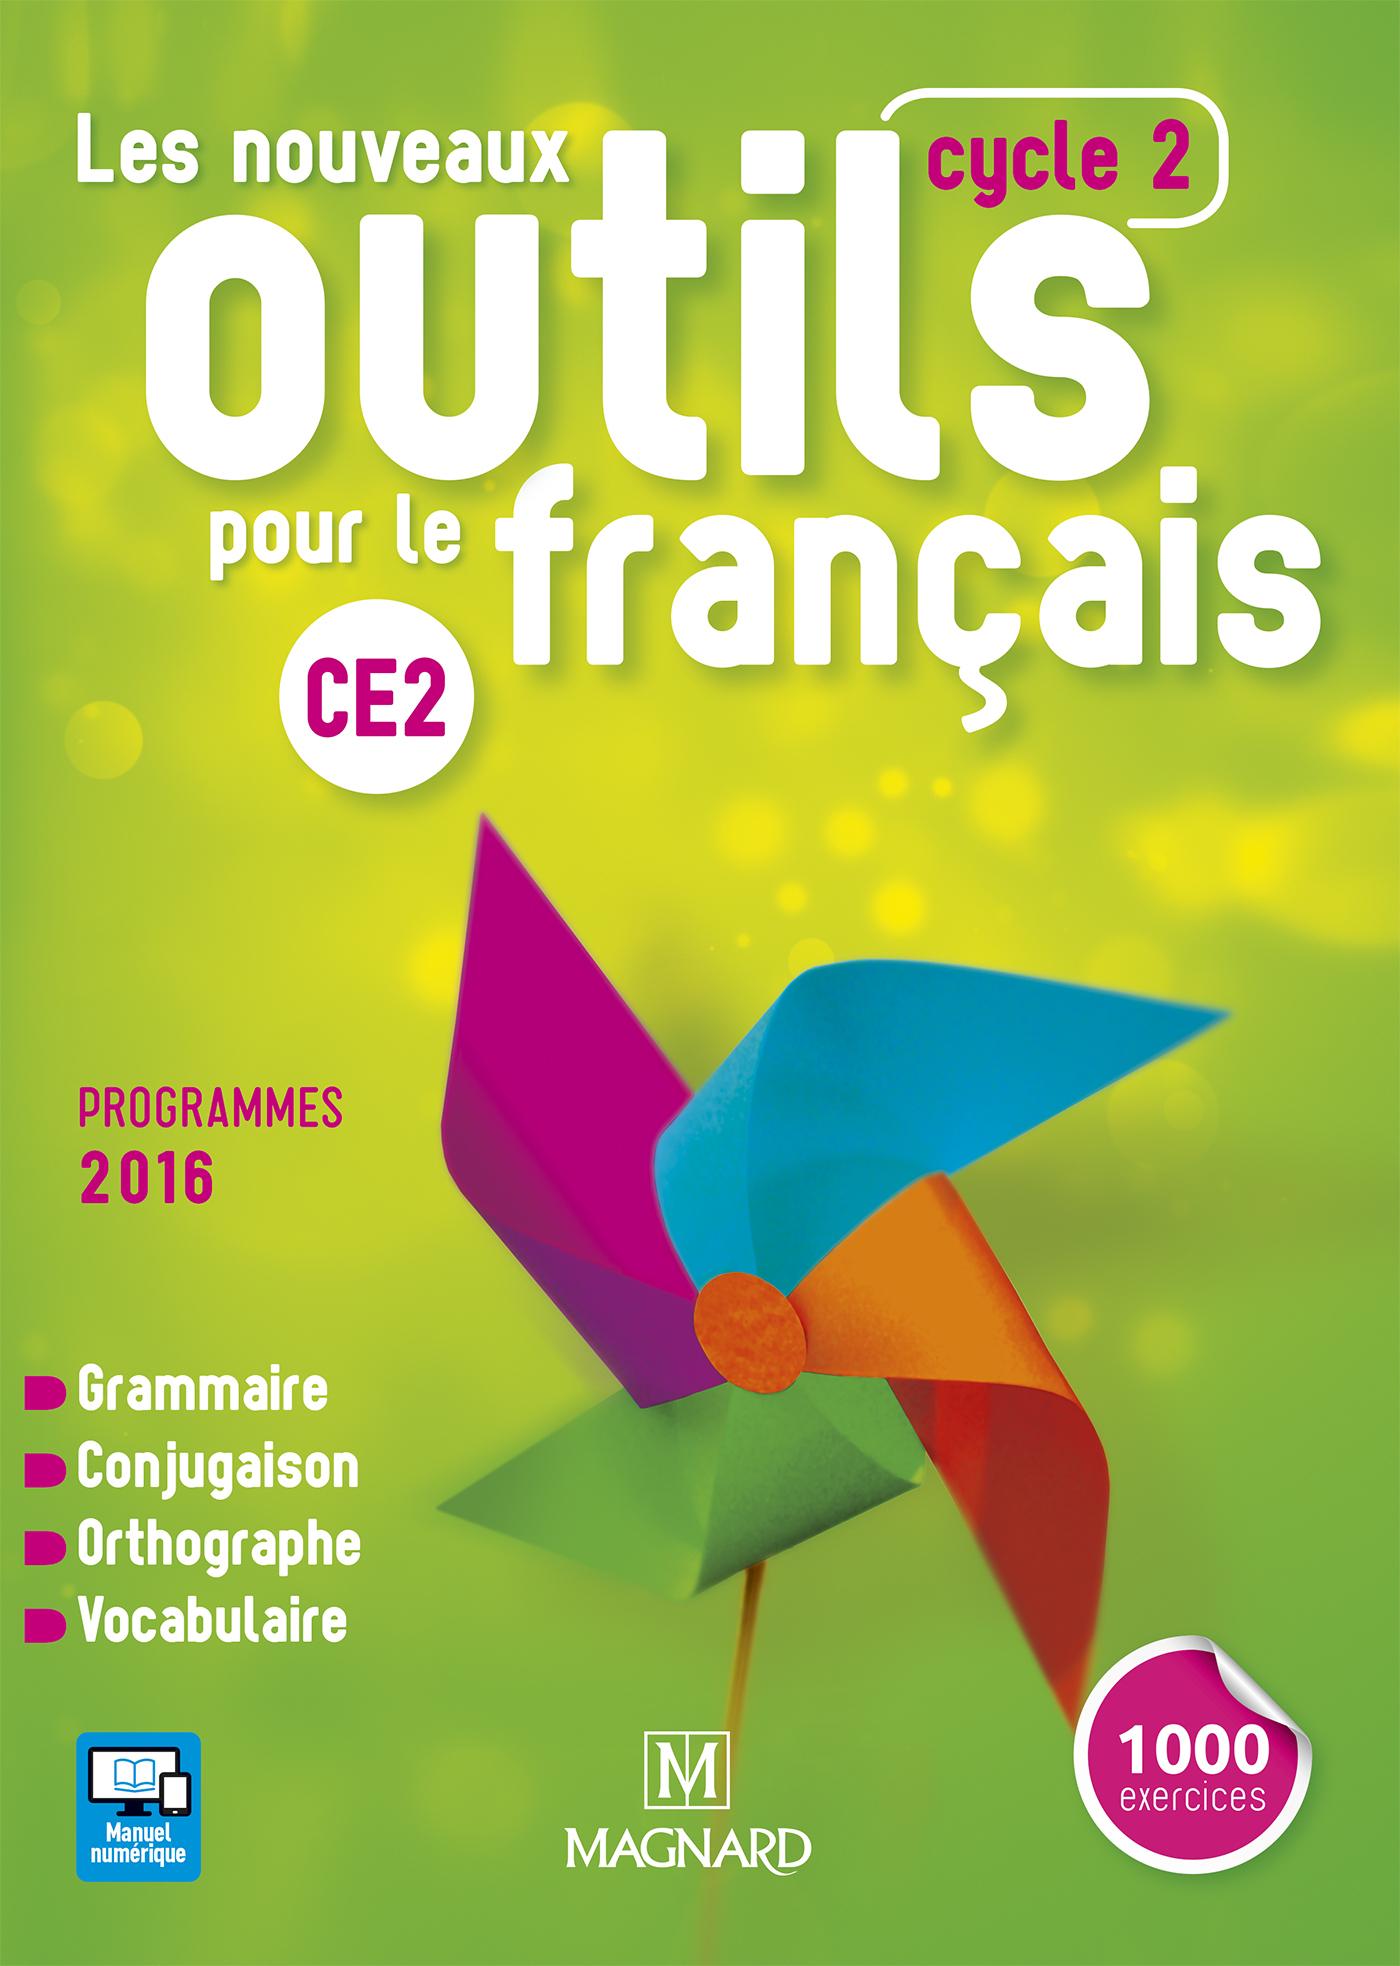 Les Nouveaux Outils Pour Le Français Ce2 (2016) - Manuel De à Exercice Ce2 En Ligne Gratuit